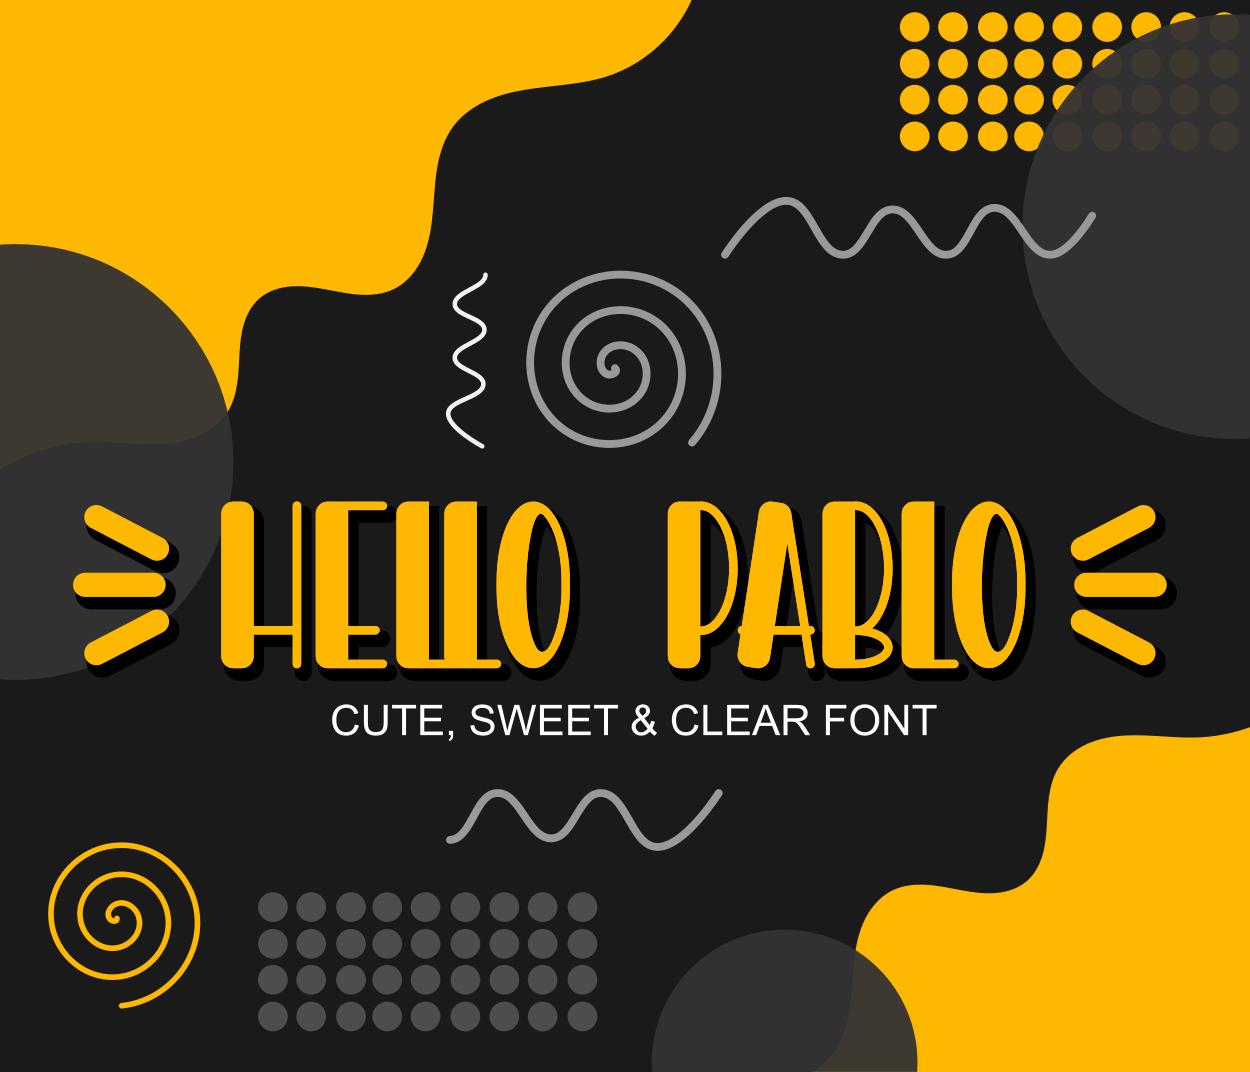 Hello Pablo